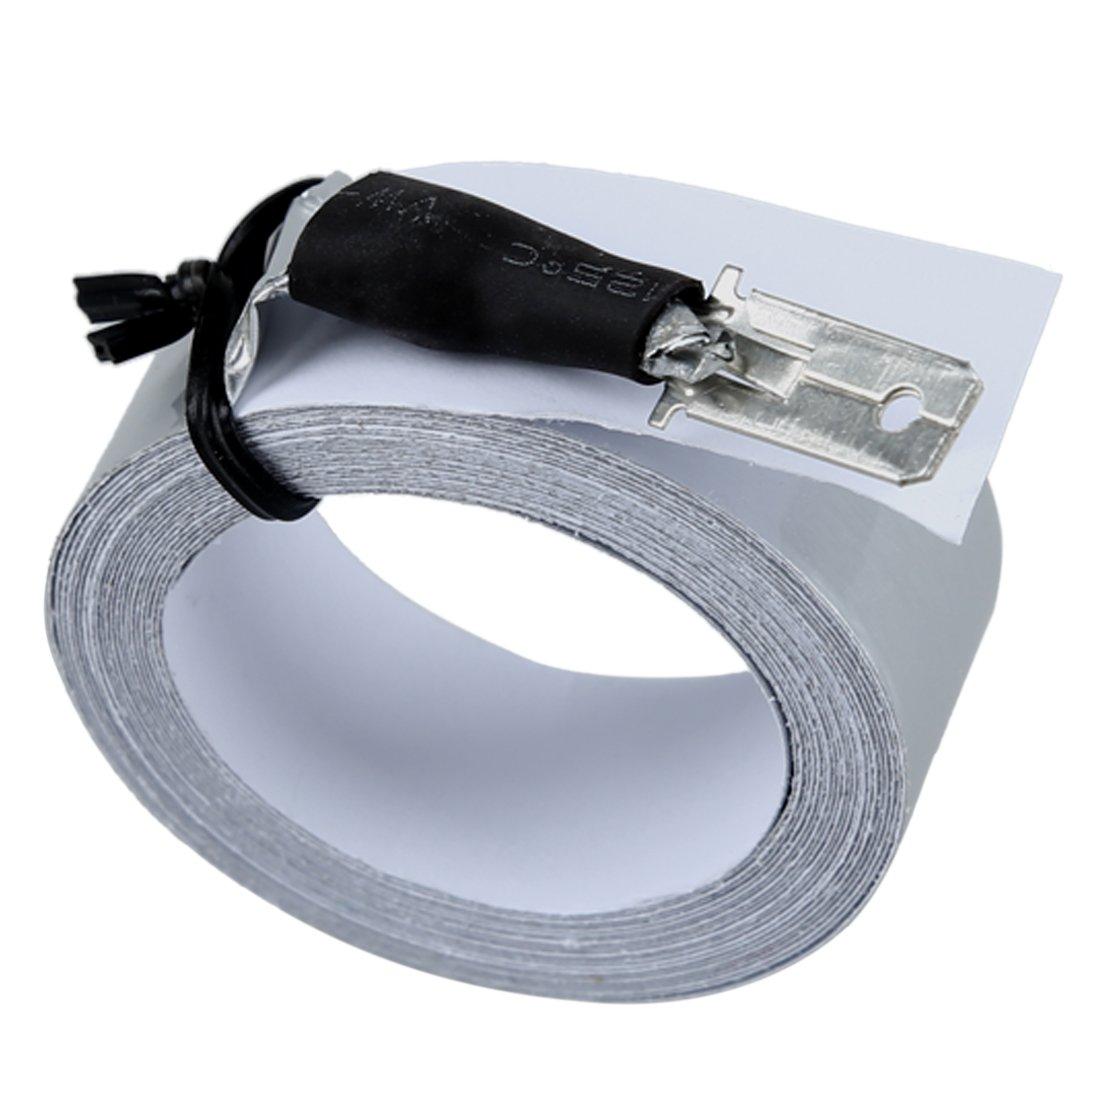 SODIAL Conjunto de sensor de aparcamiento electromagnetico de parachoques trasero sin agujeros invisibles -UK Sensor de aparcamiento R